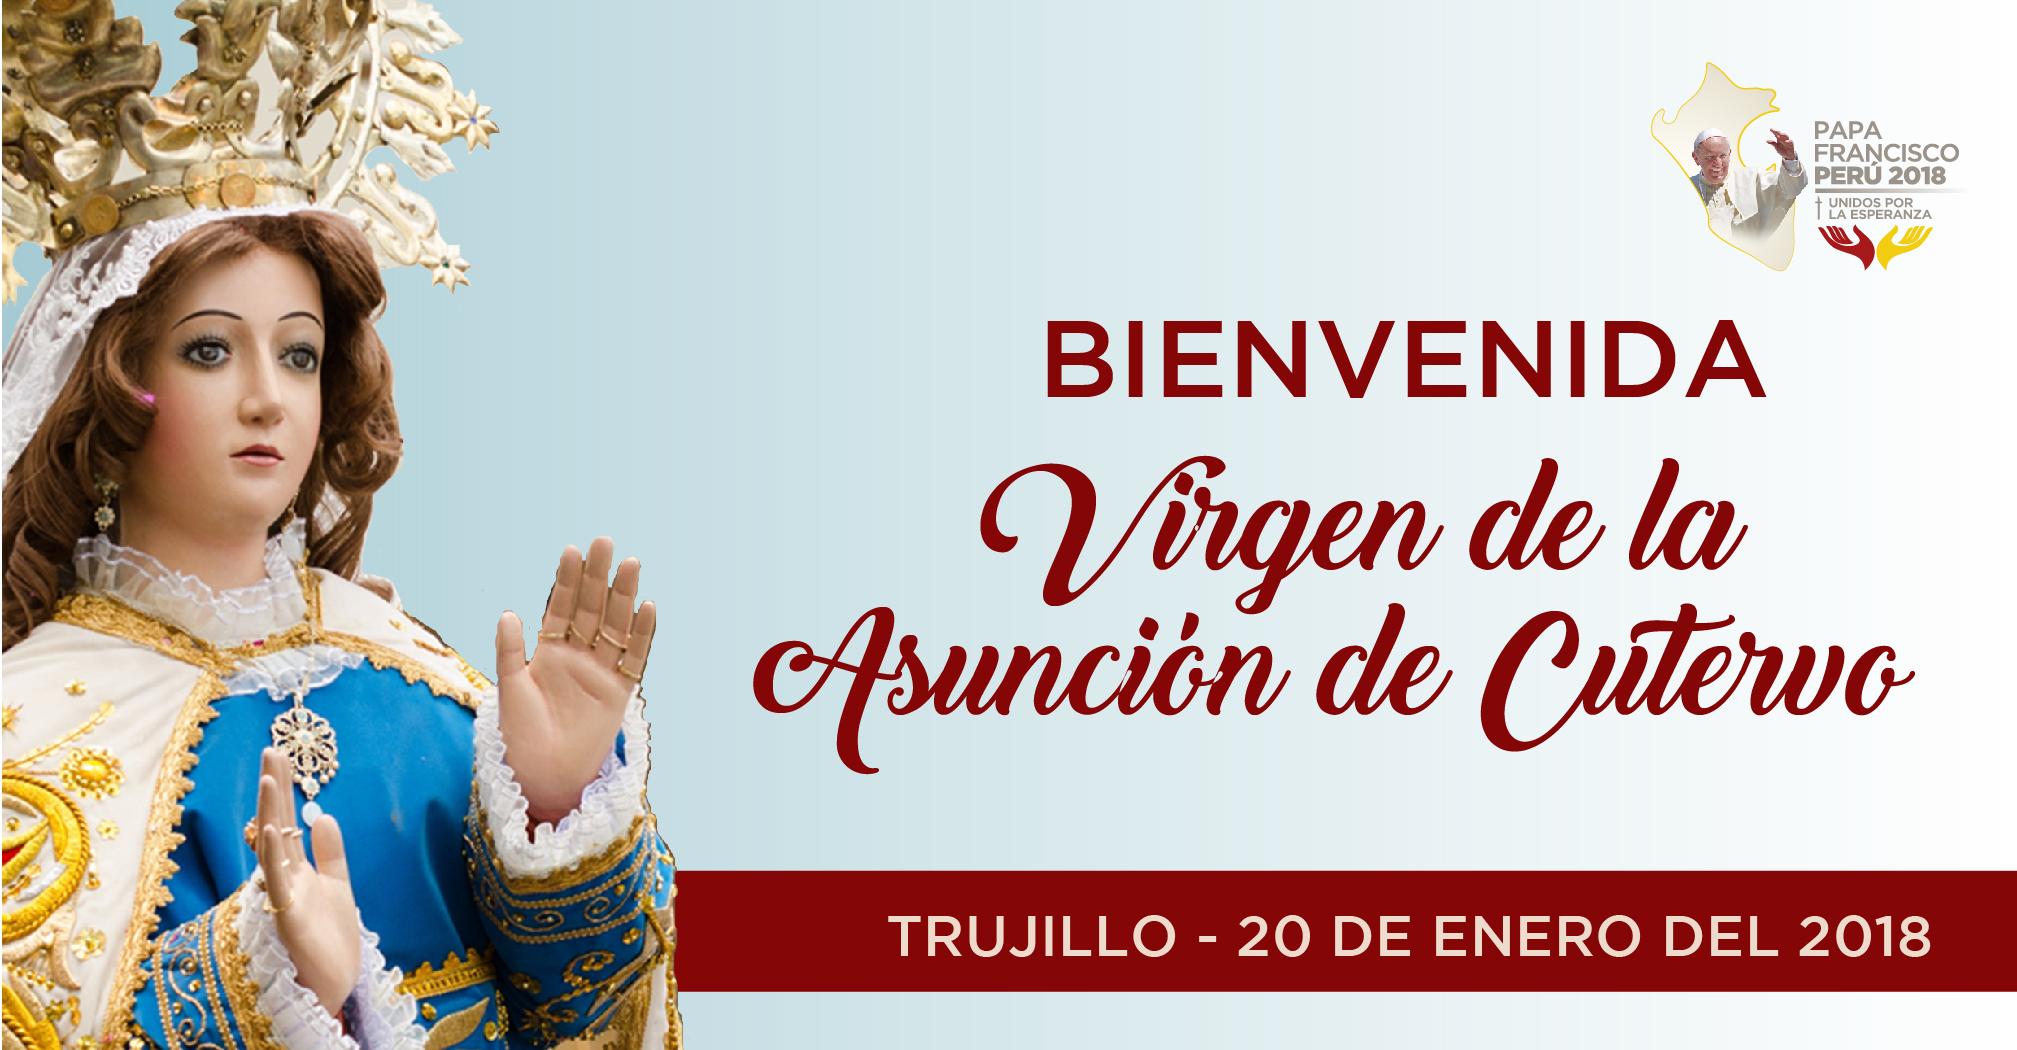 Cajamarca: Virgen de La Asunción de Cutervo al encuentro con el Papa Francisco en Trujillo